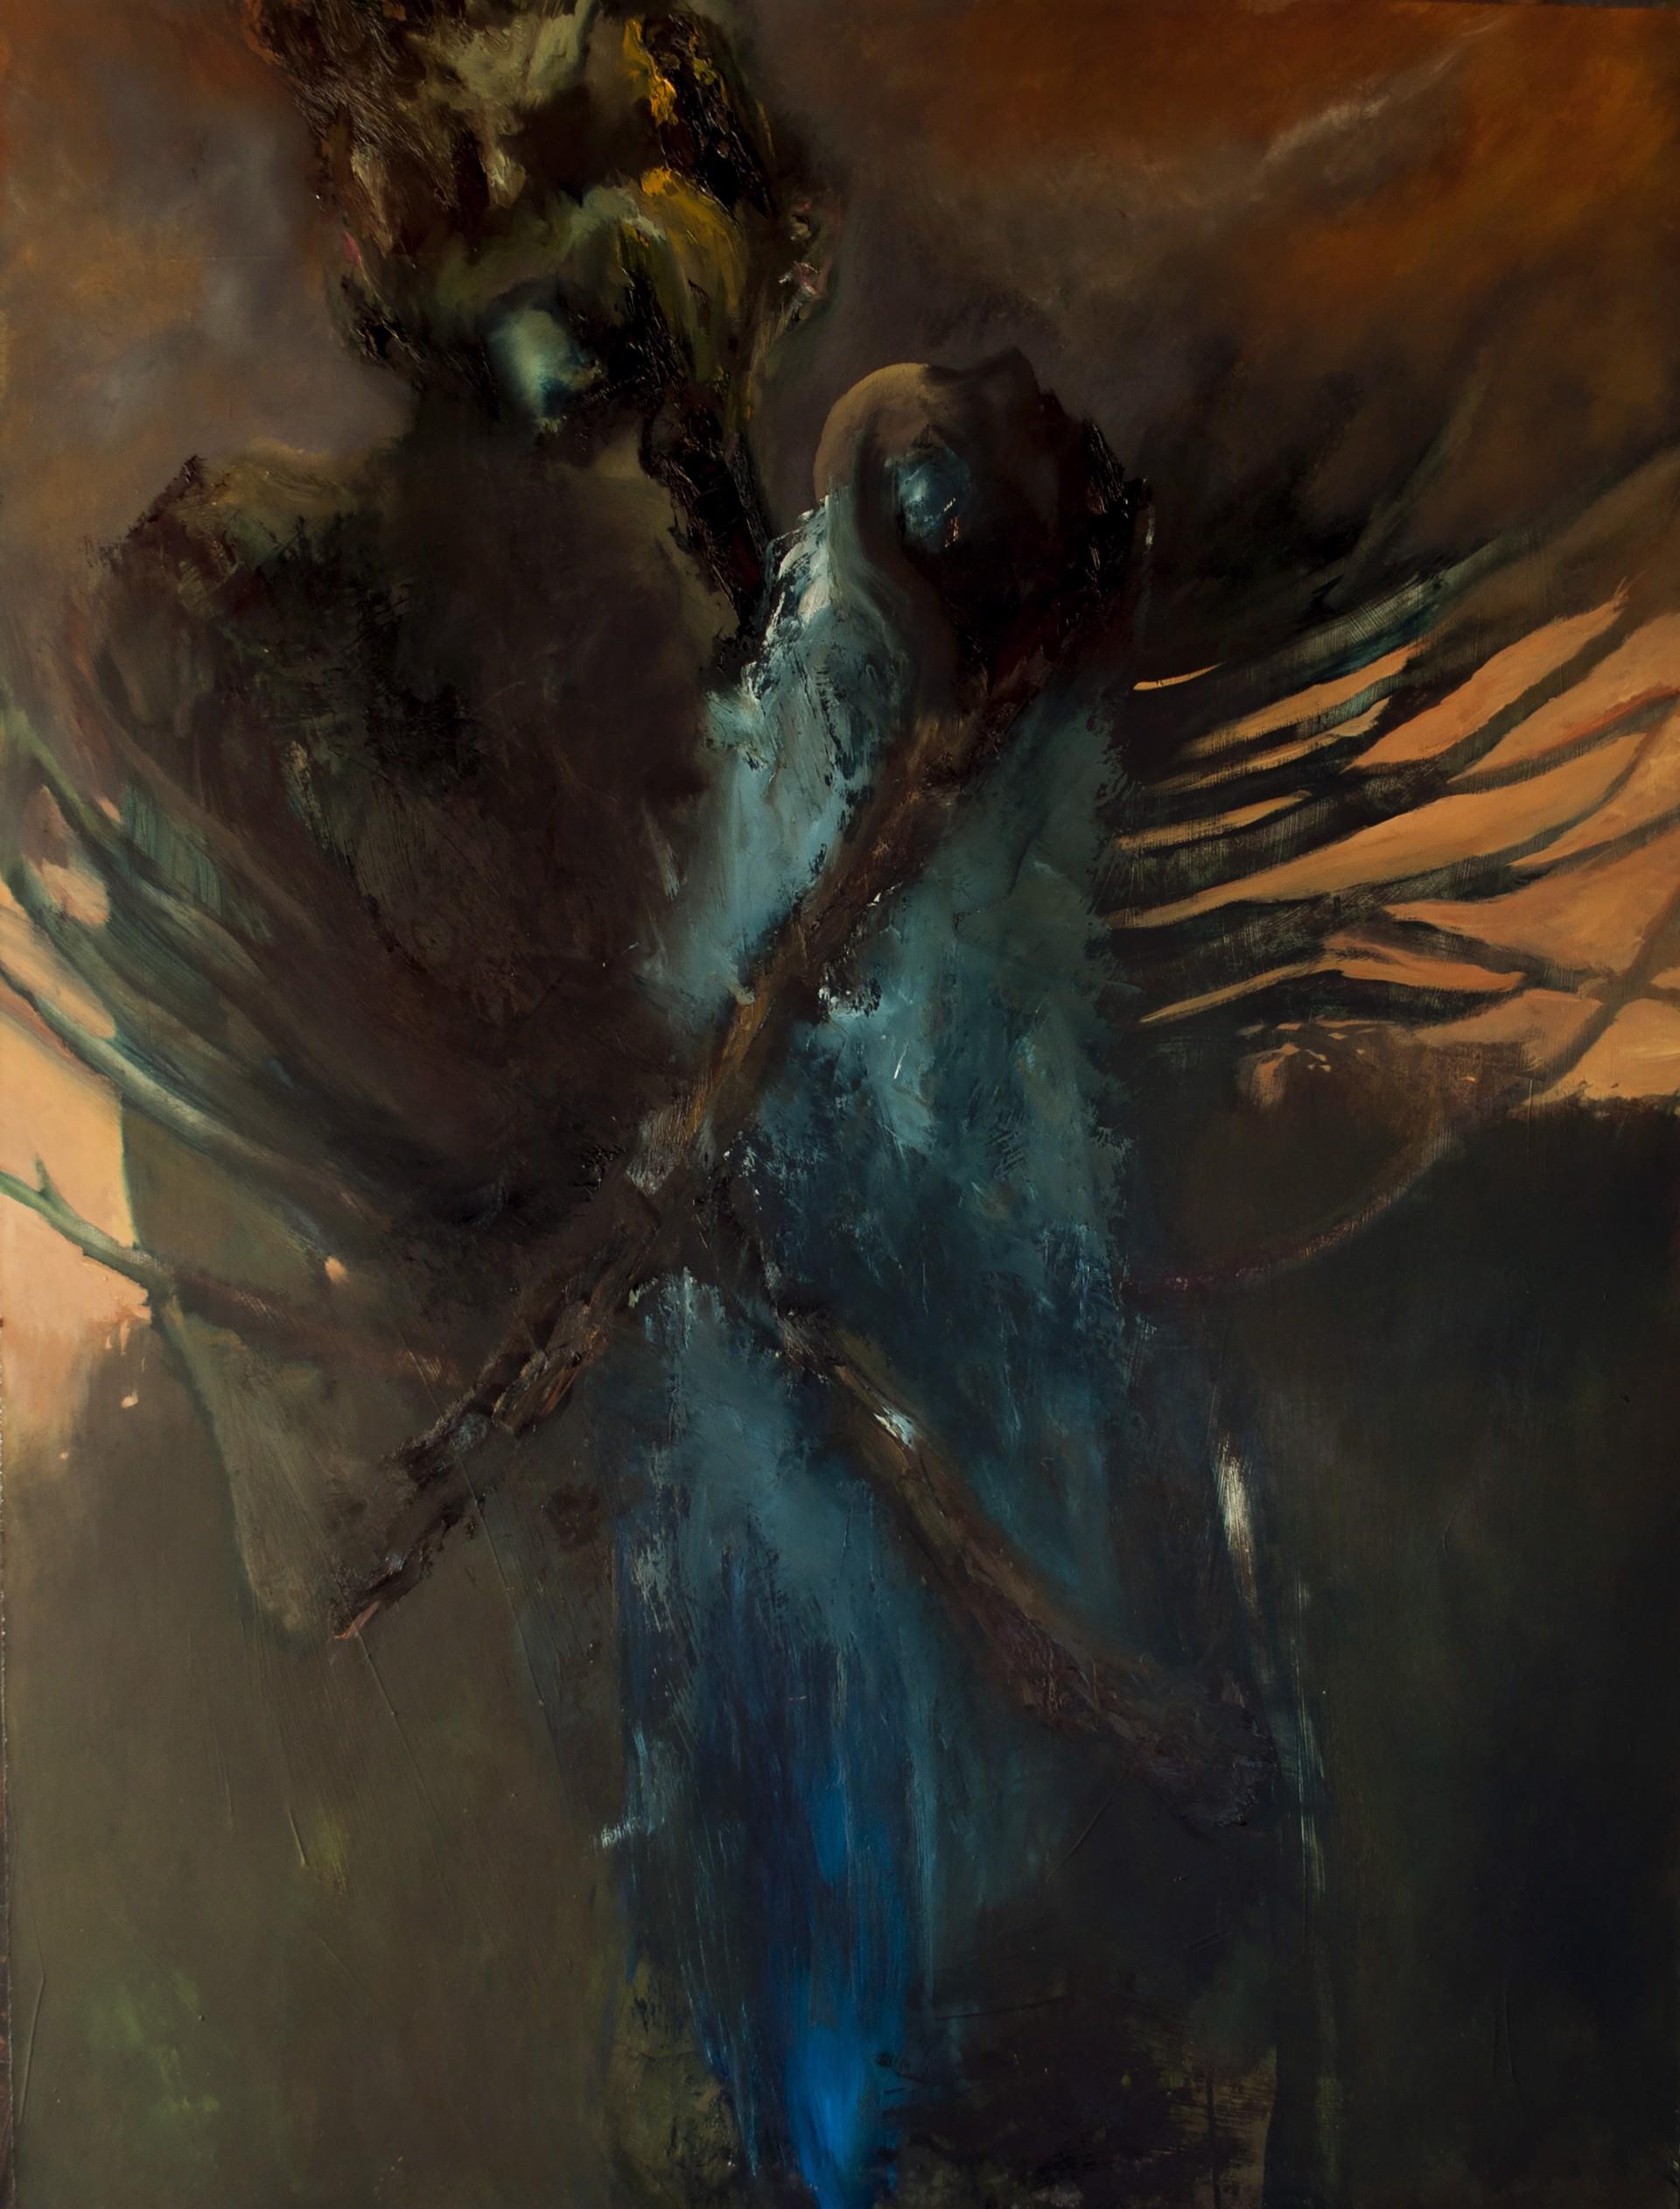 War Torn by Jody Fallon